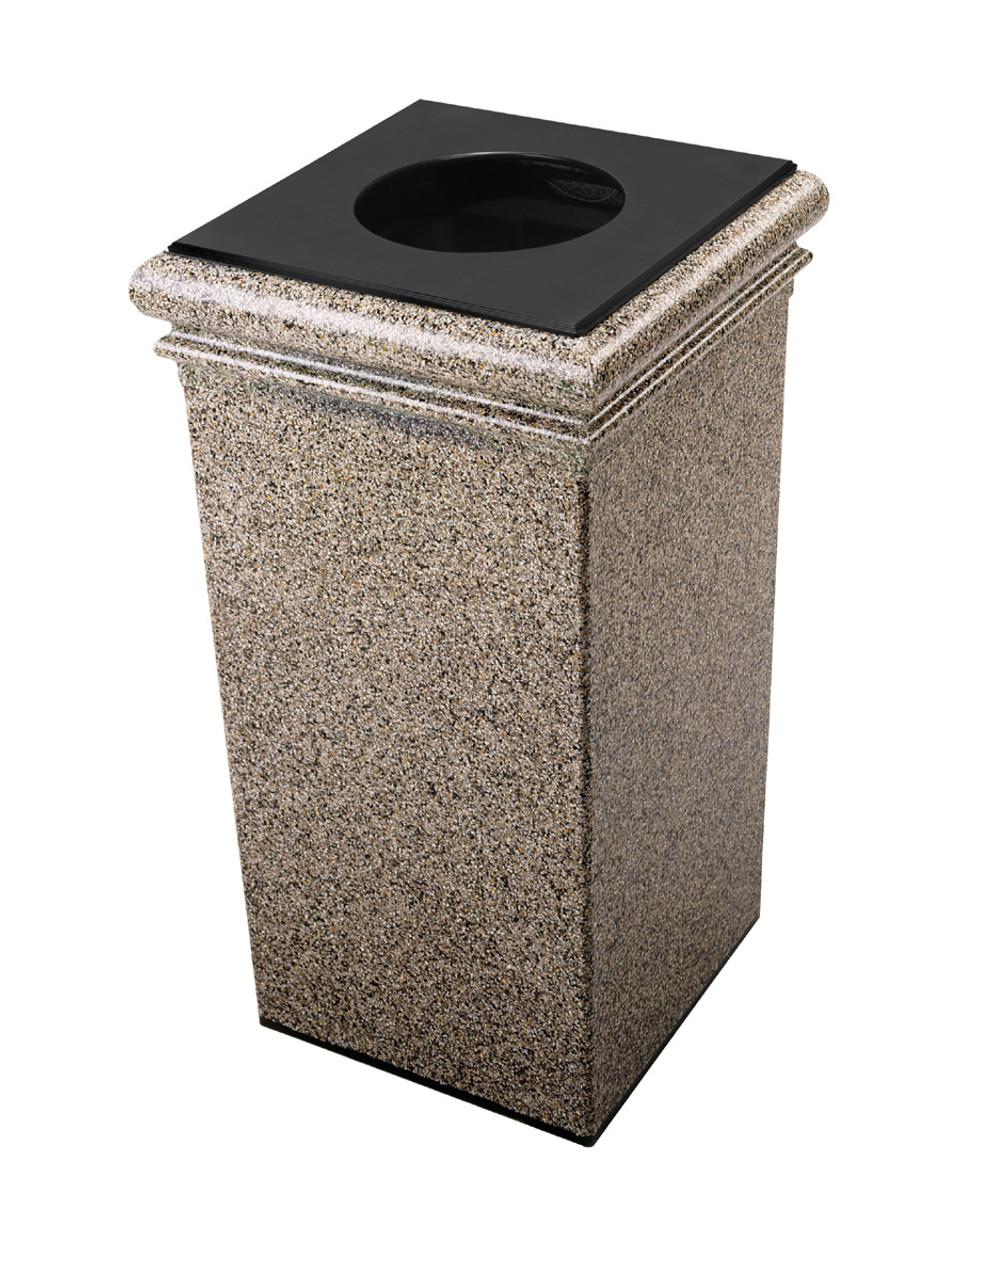 30 Gallon StoneTec Concrete Fiberglass Decorative Trash Can Riverstone